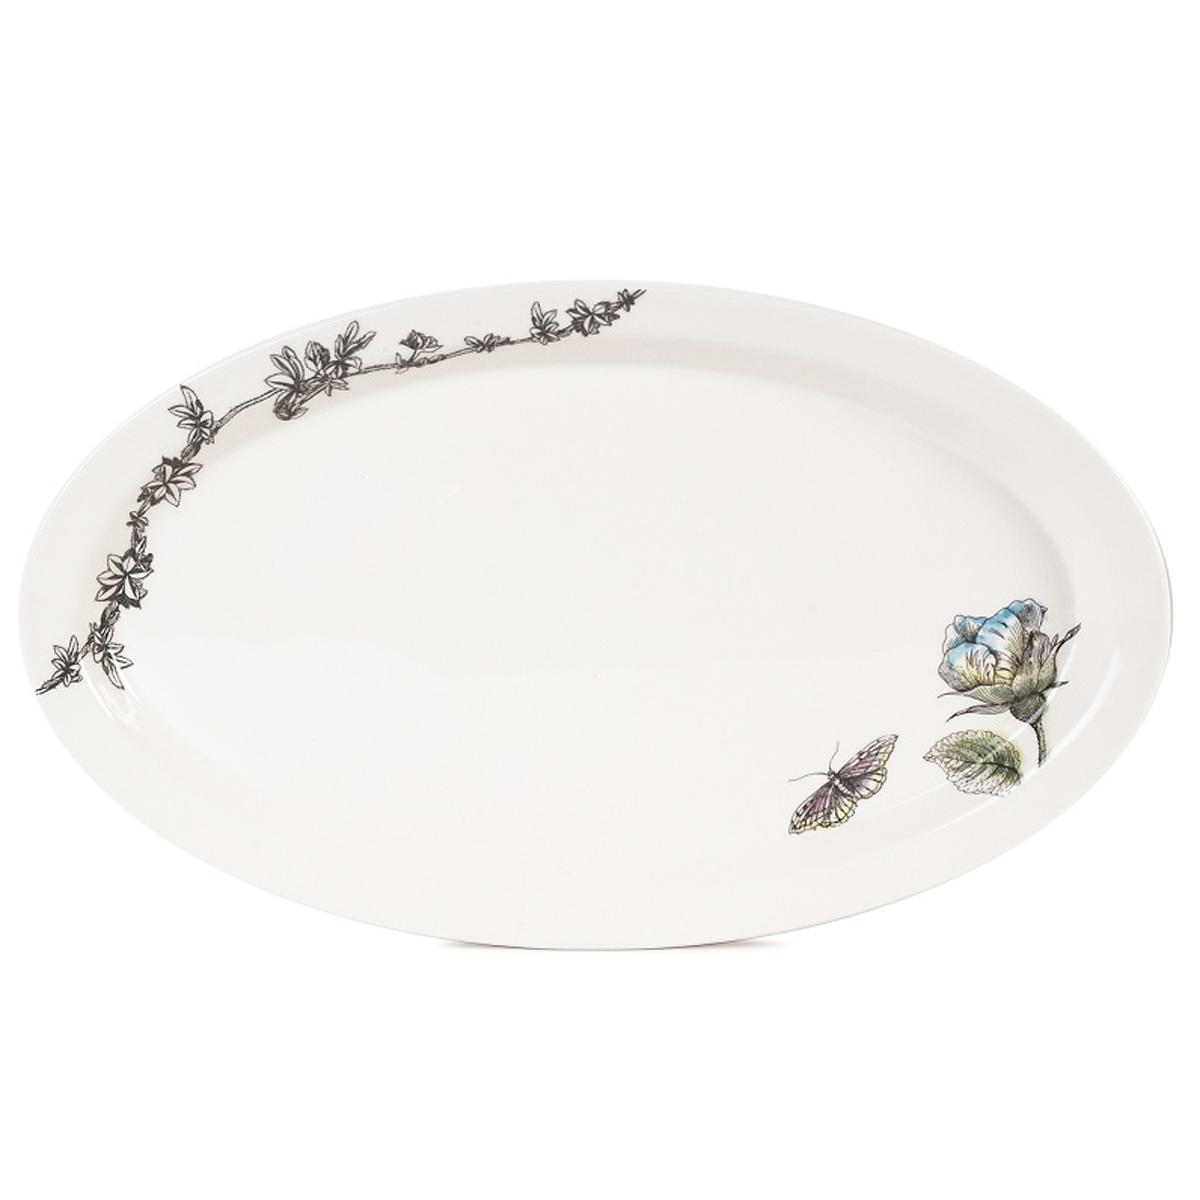 Блюдо овальное Fitz and Floyd Цветок, 34,5 см х 20 см20-209Овальное блюдо Fitz and Floyd Цветок изготовлено из высококачественной керамики и декорировано изящным рисунком. Такое оригинальное блюдо идеально подойдет для красивой сервировки стола. Рекомендуется мыть вручную с использованием неабразивных моющих средств. Размер блюда: 34,5 см х 20 см х 2,5 см.